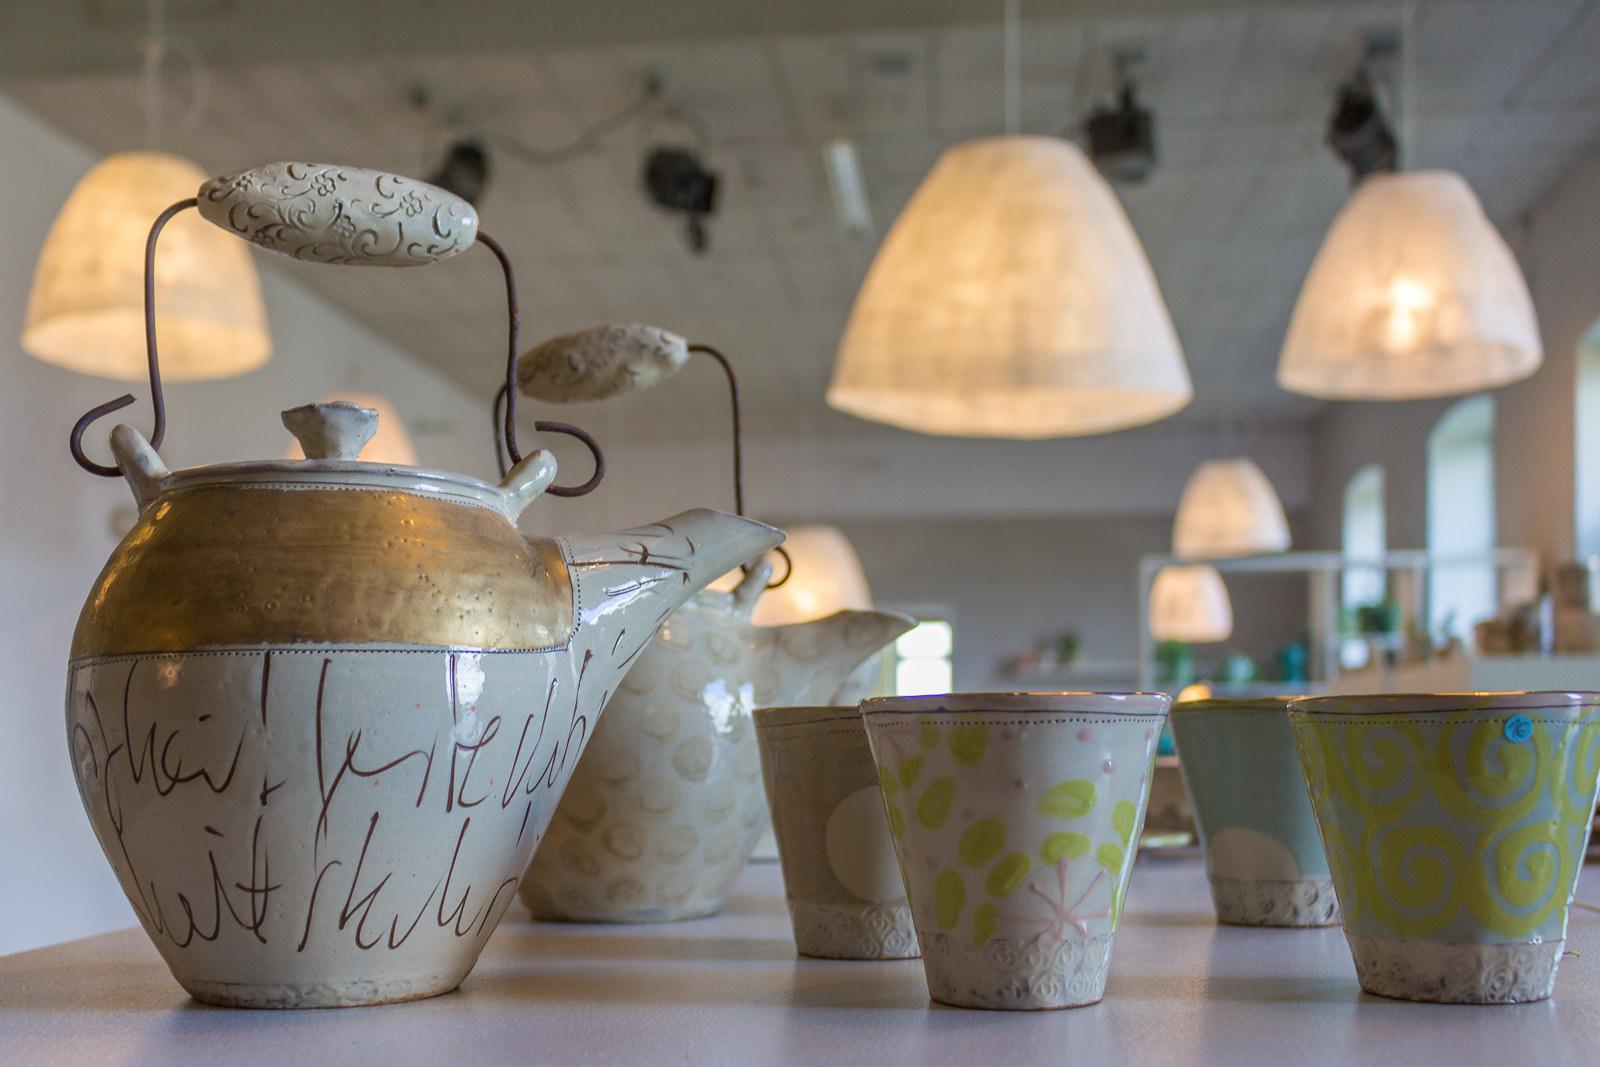 kannenbäckerland, #visitkeramik, Höhr-Grenzhausen, #RLPerleben, Ton, Keramik, Keramikkunst, Künstler, Manufaktur, Töpfern, Keramikkasino, Kunst